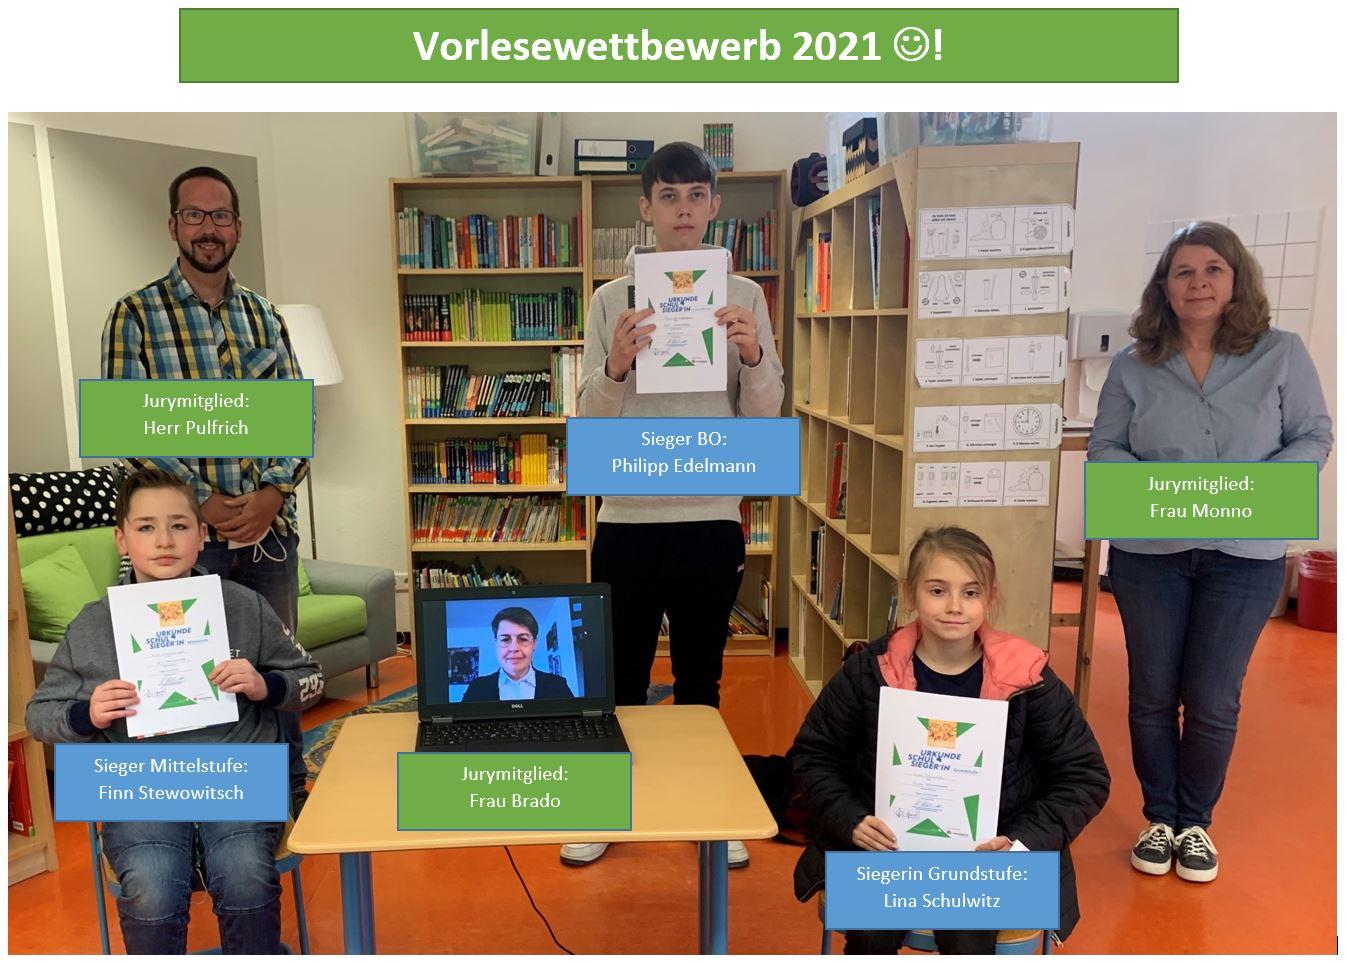 Lina, Finn und Philipp lesen in ihren Stufen am besten – Vorlesewettbewerb an der Schule am Budenberg